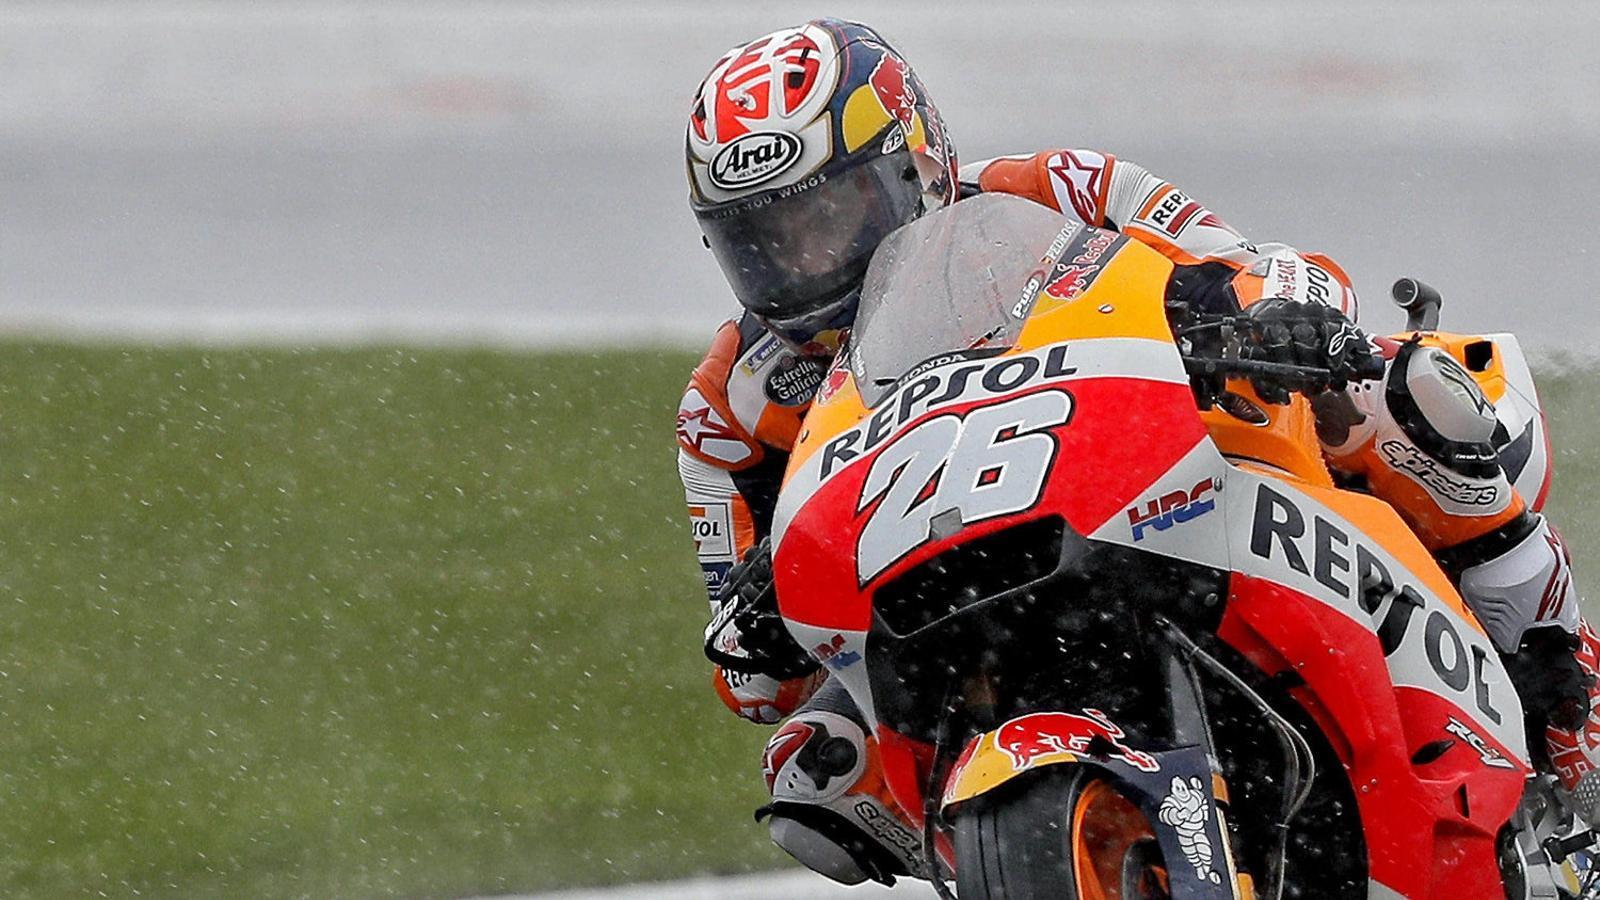 Dani Pedrosa durant l'últim Gran Premi de la seva carrera, diumenge a Xest.